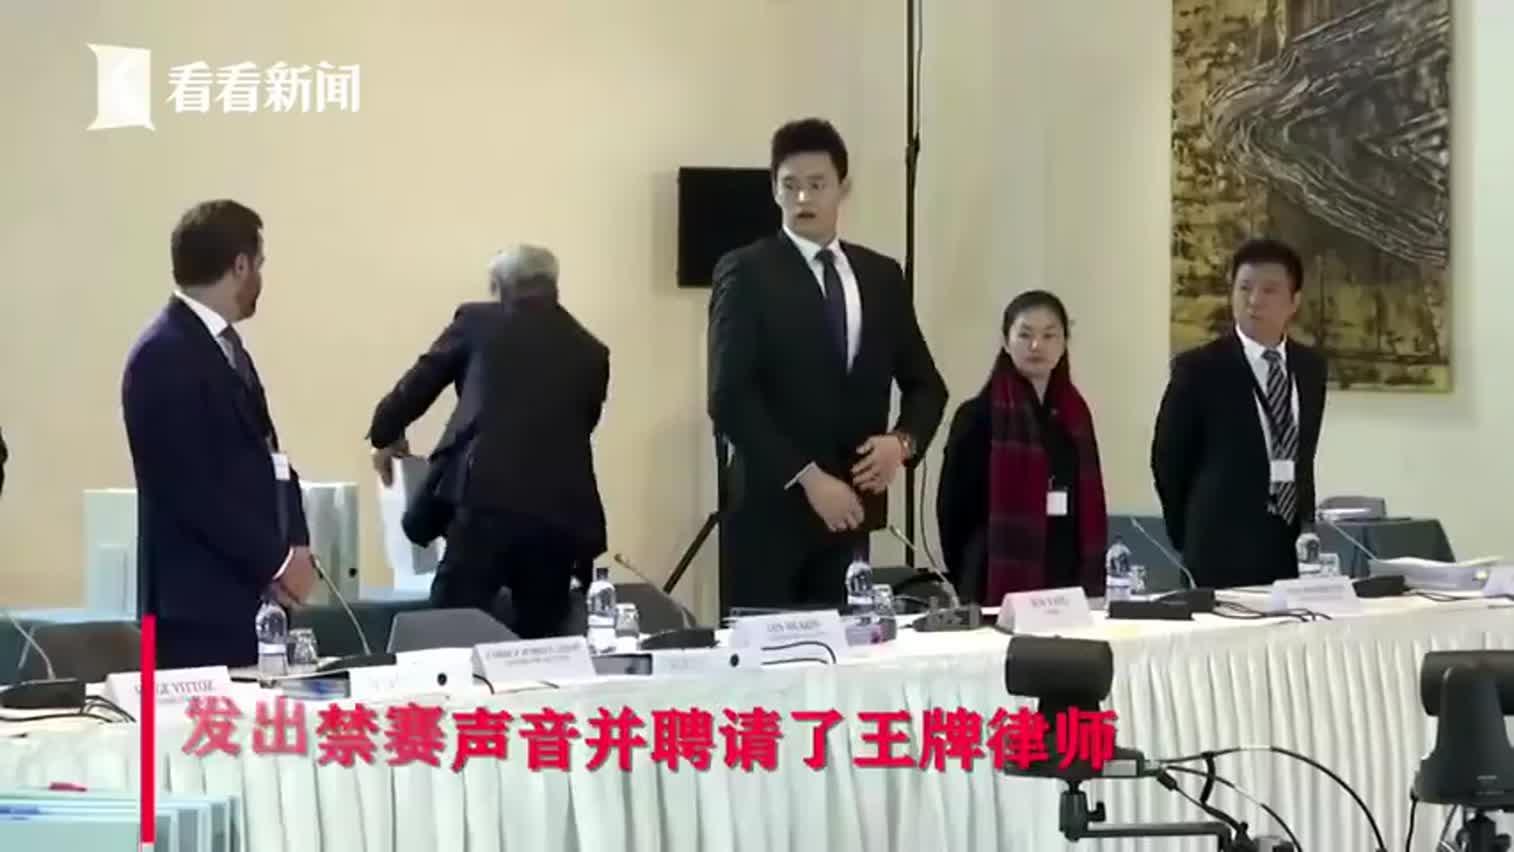 视频-孙杨听证会后接受采访:备战奥运 站上最高领